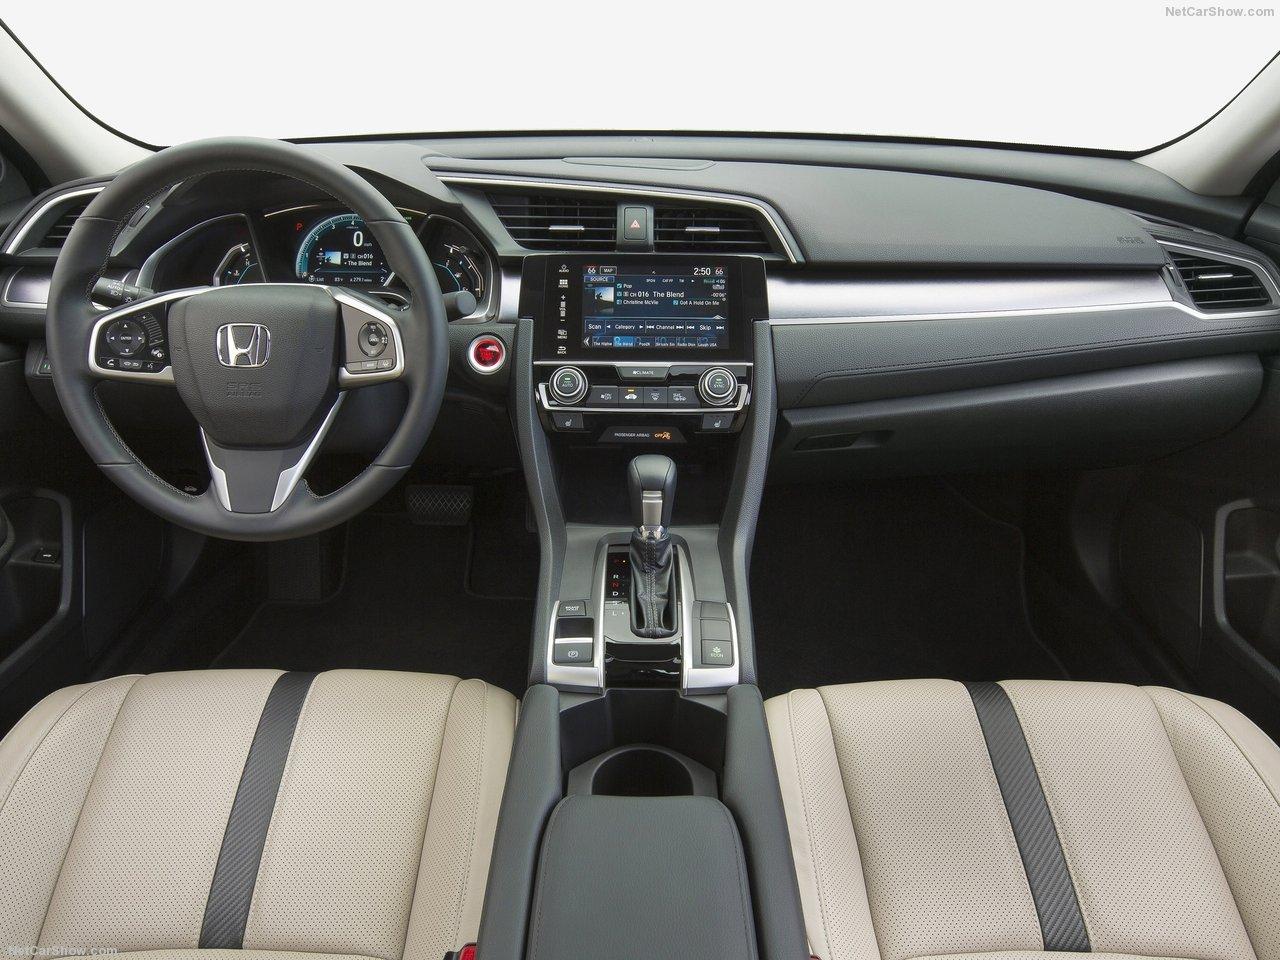 Honda-Civic_Sedan_2016_1280x960_wallpaper_55